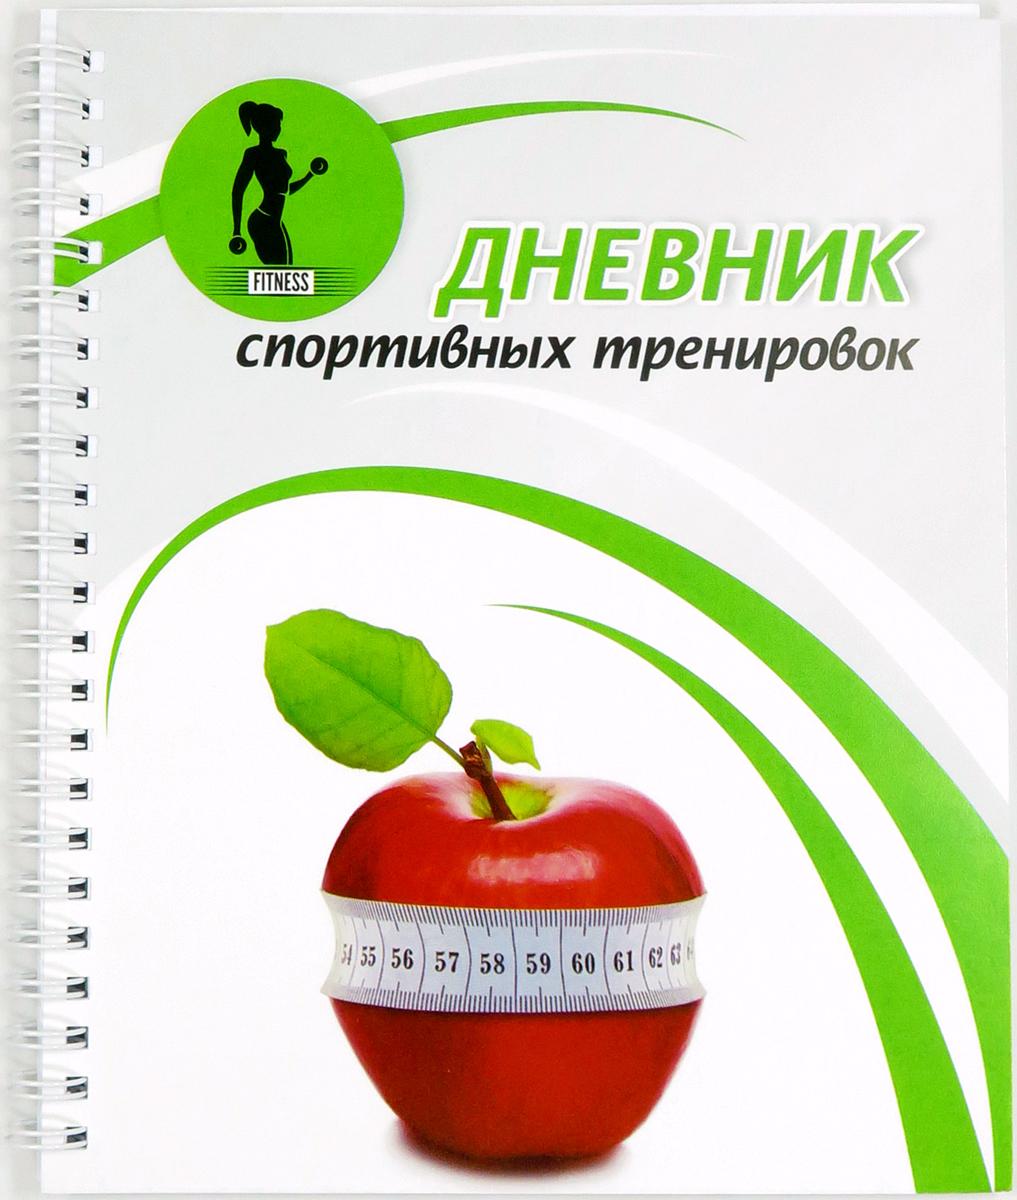 Фолиант Дневник спортивных тренировок 65 листов цвет белый зеленый красный блокноты фолиант блокнот гимнастки